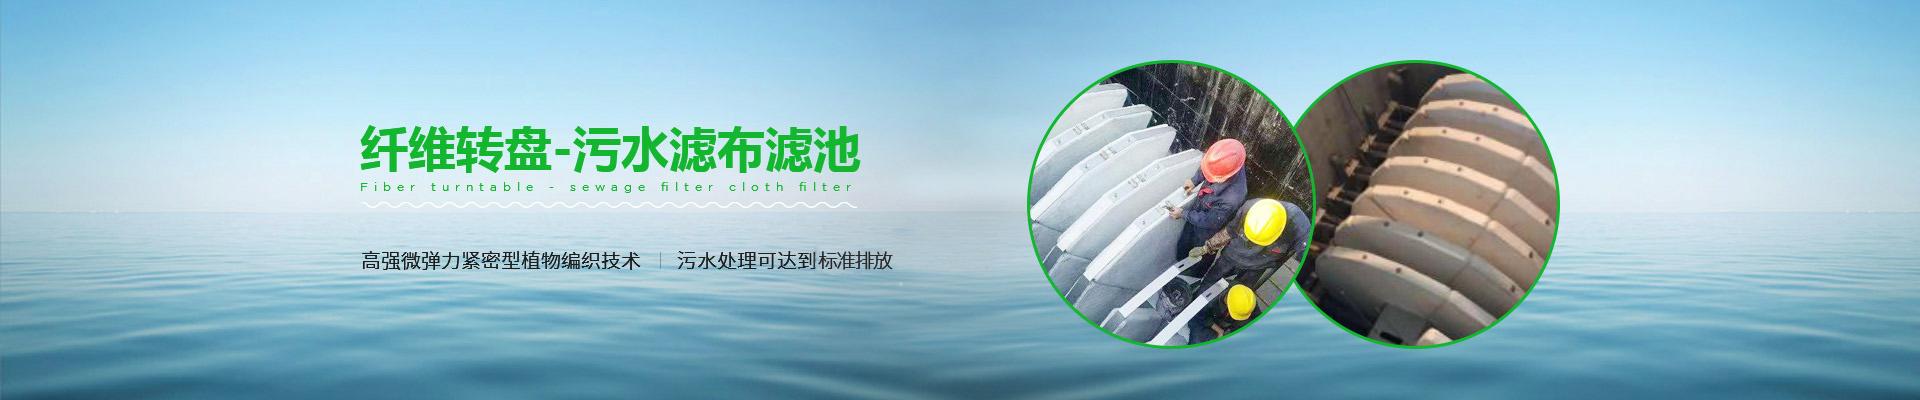 襄绿环保-纤维转盘,污水滤布滤池